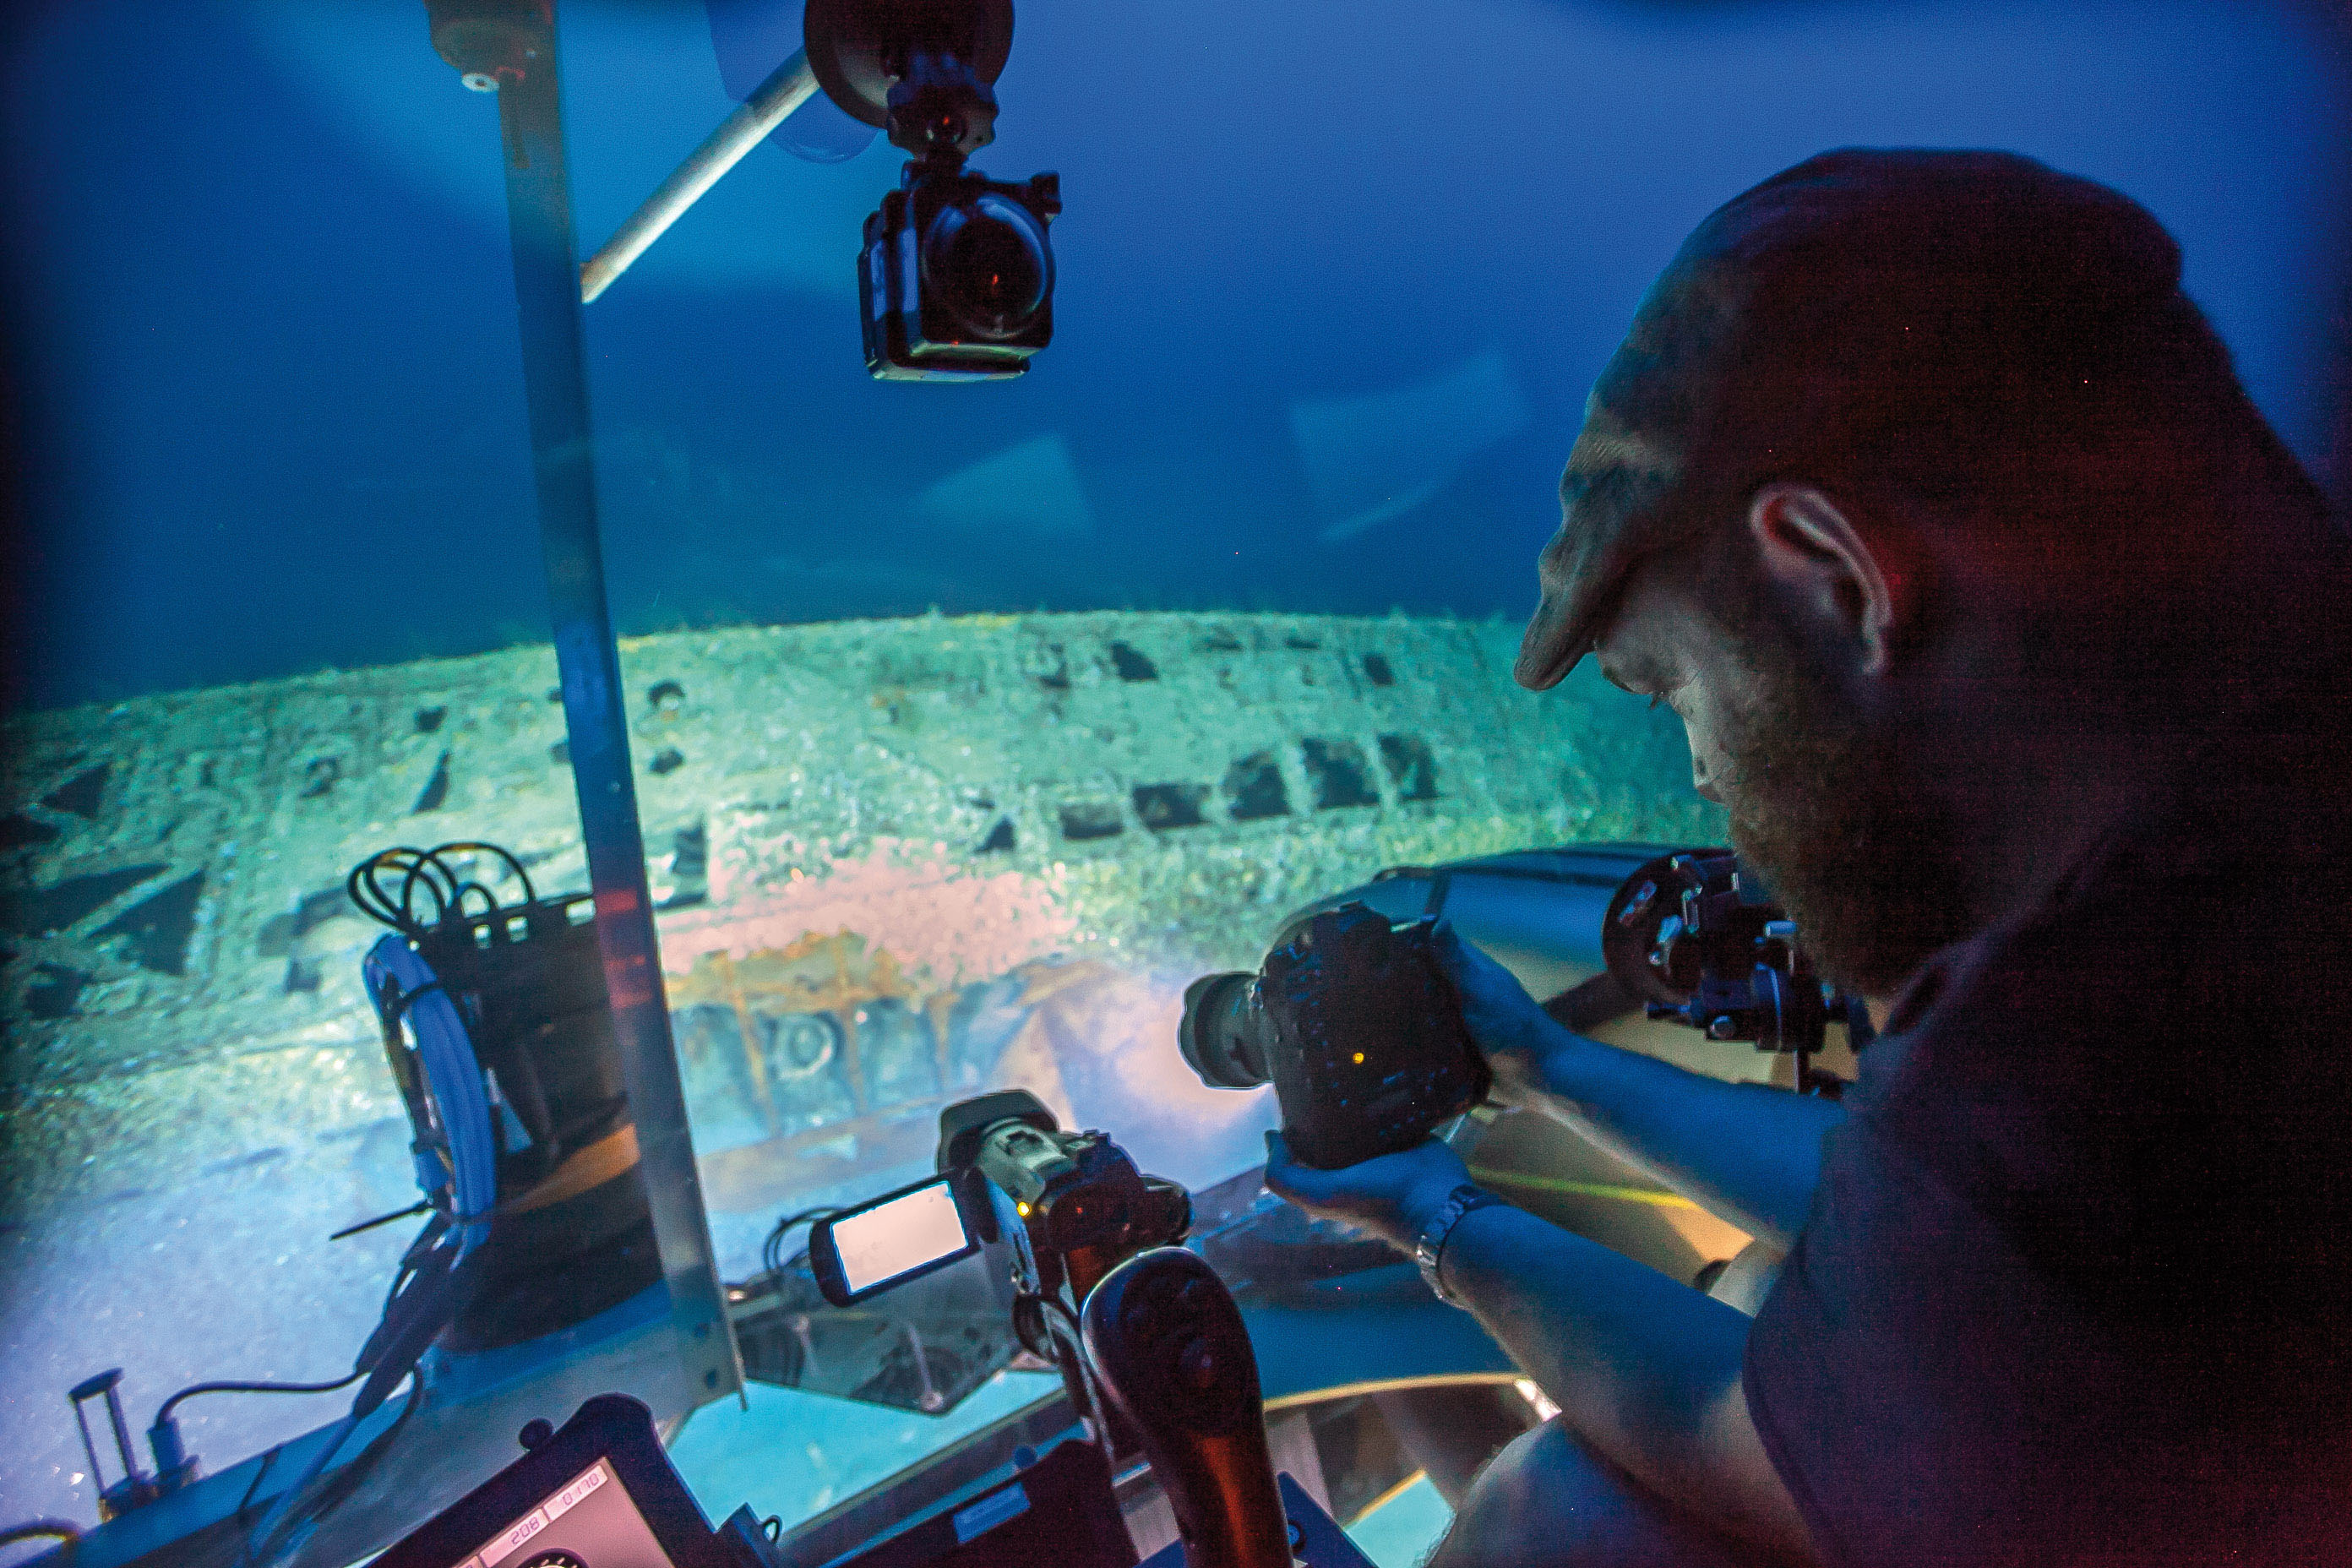 Tauchgang zum U-576 - Expedition mit 3D-Scanning Methoden